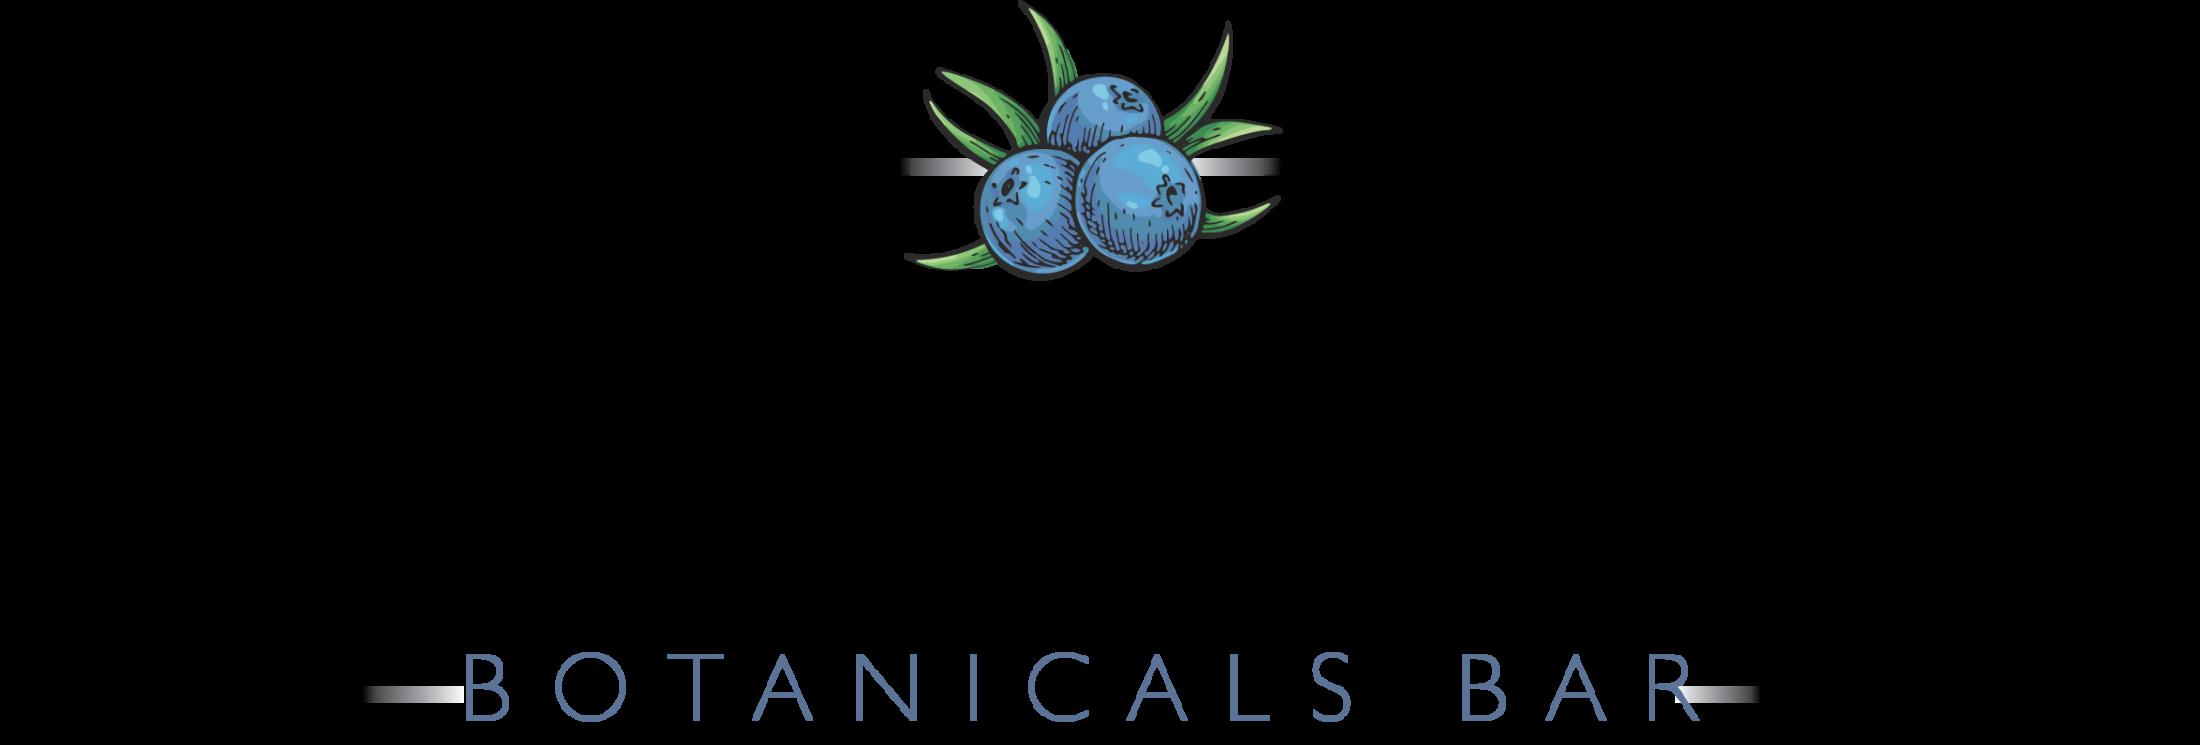 Schroders' Botanicals BarLogo of